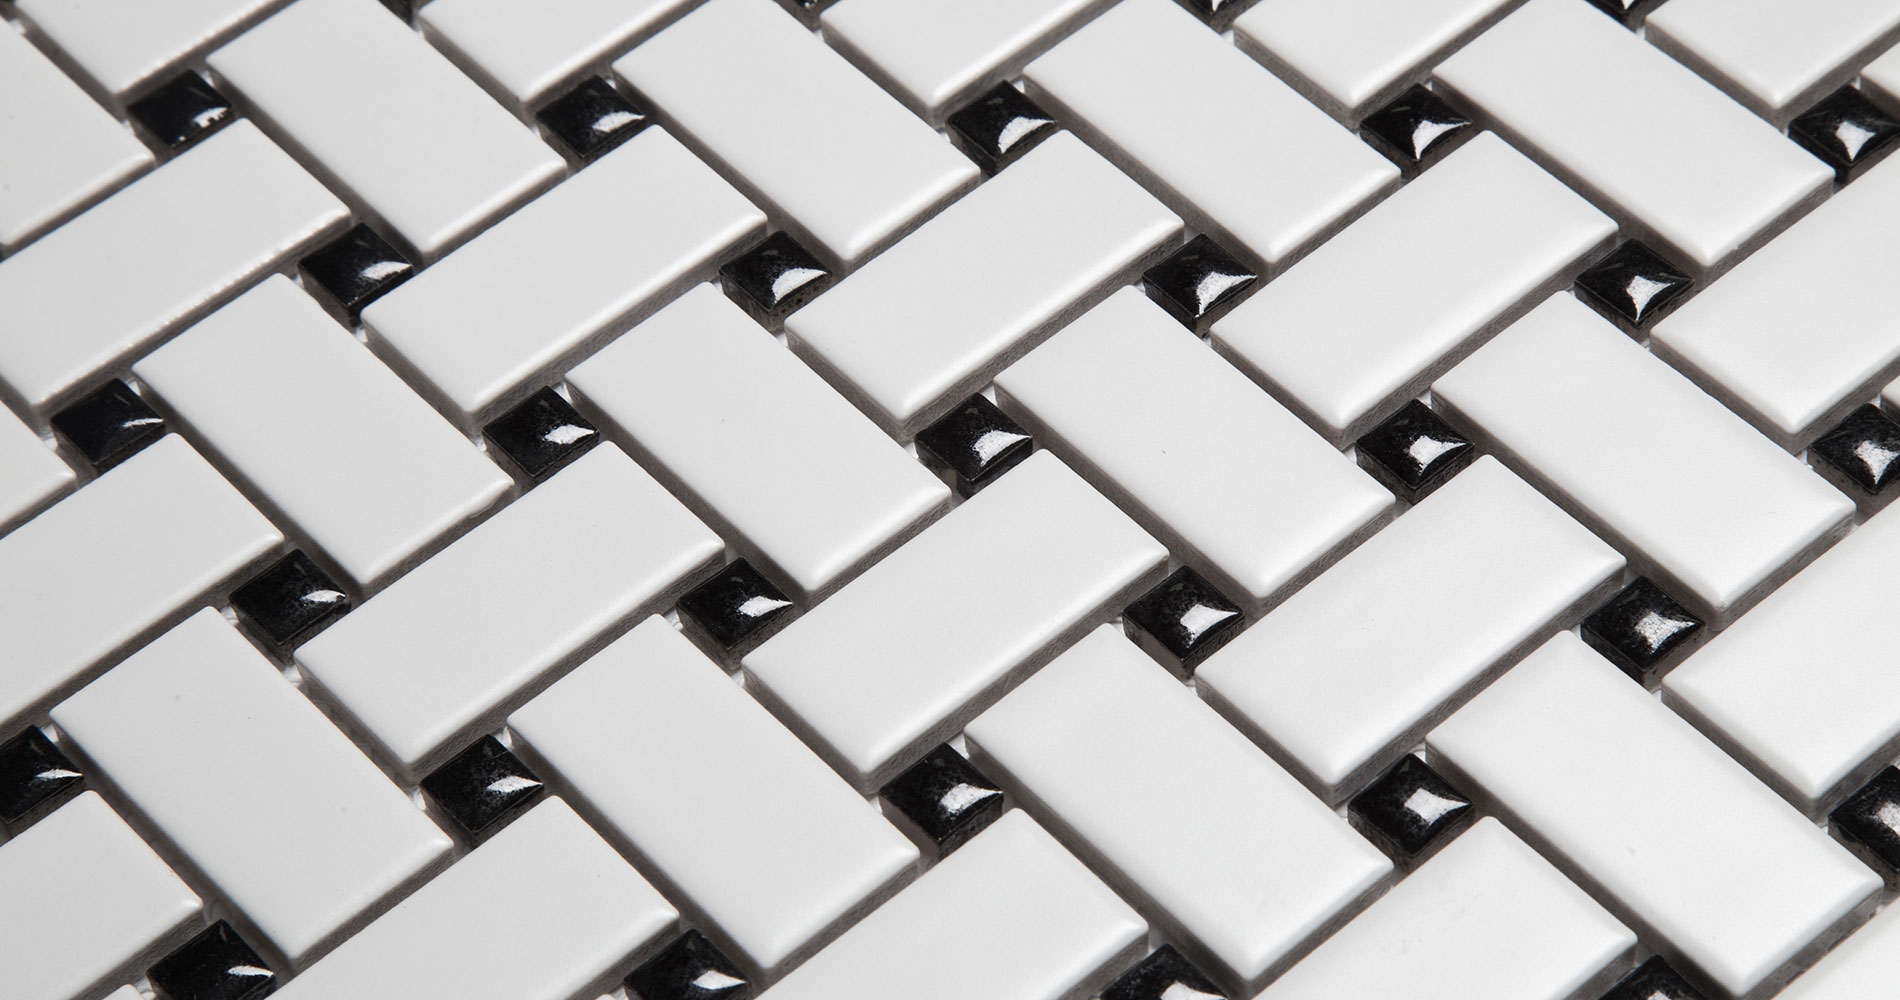 Century-Mosaic-Ceramic-Basketweave-Mosaic-Tile-Collection-6